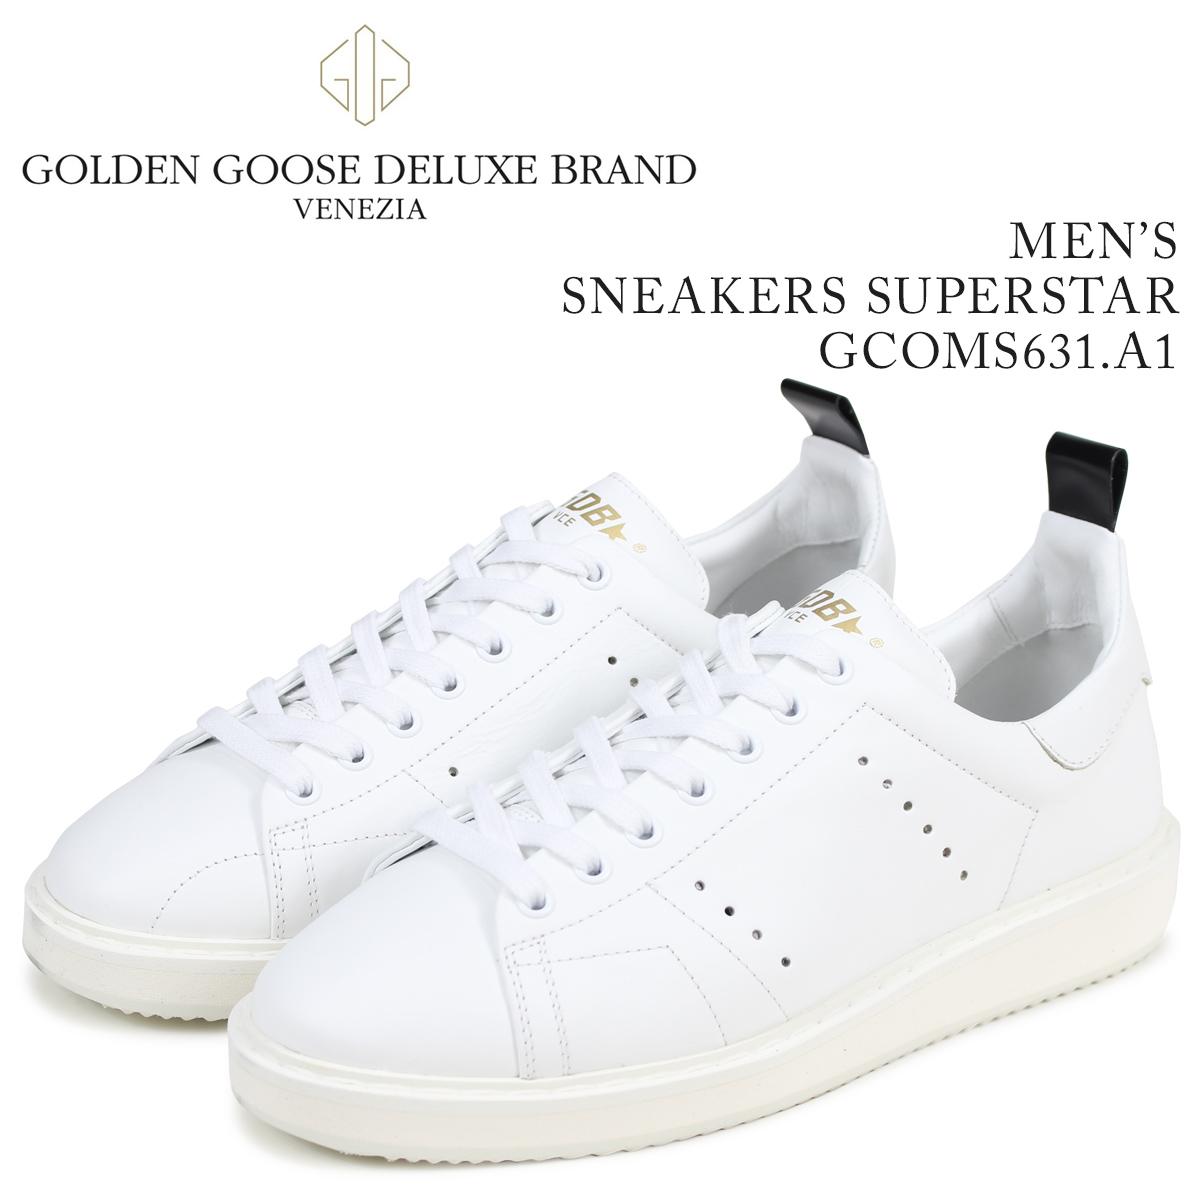 Golden Goose ゴールデングース スニーカー メンズ スターター STARTER ホワイト 白 GCOMS631 A1